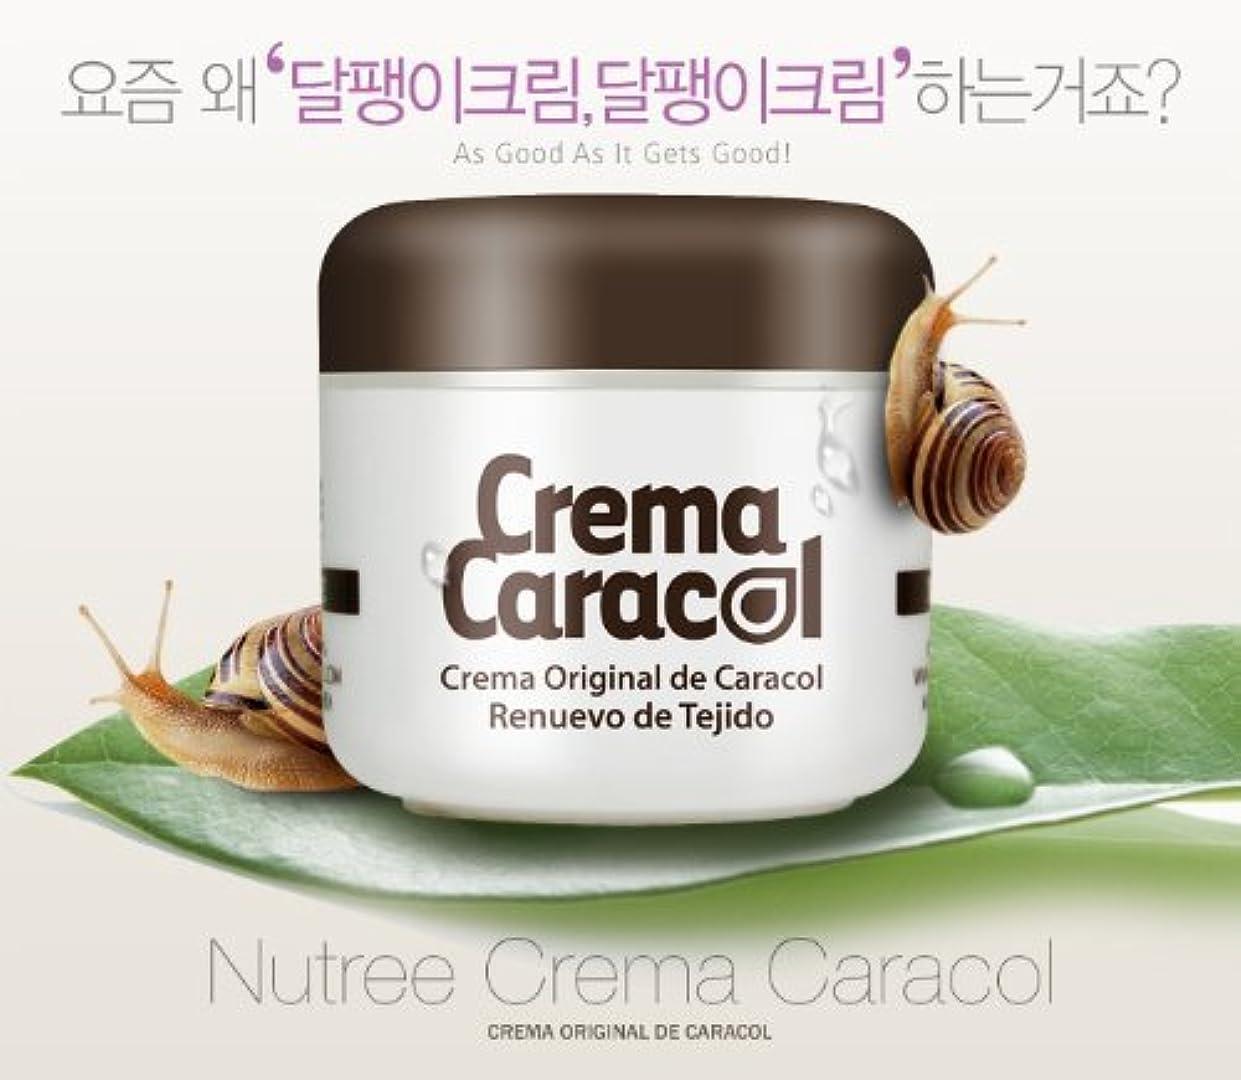 定規アフリカ人討論crema caracol(カラコール) かたつむりクリーム 5個セット